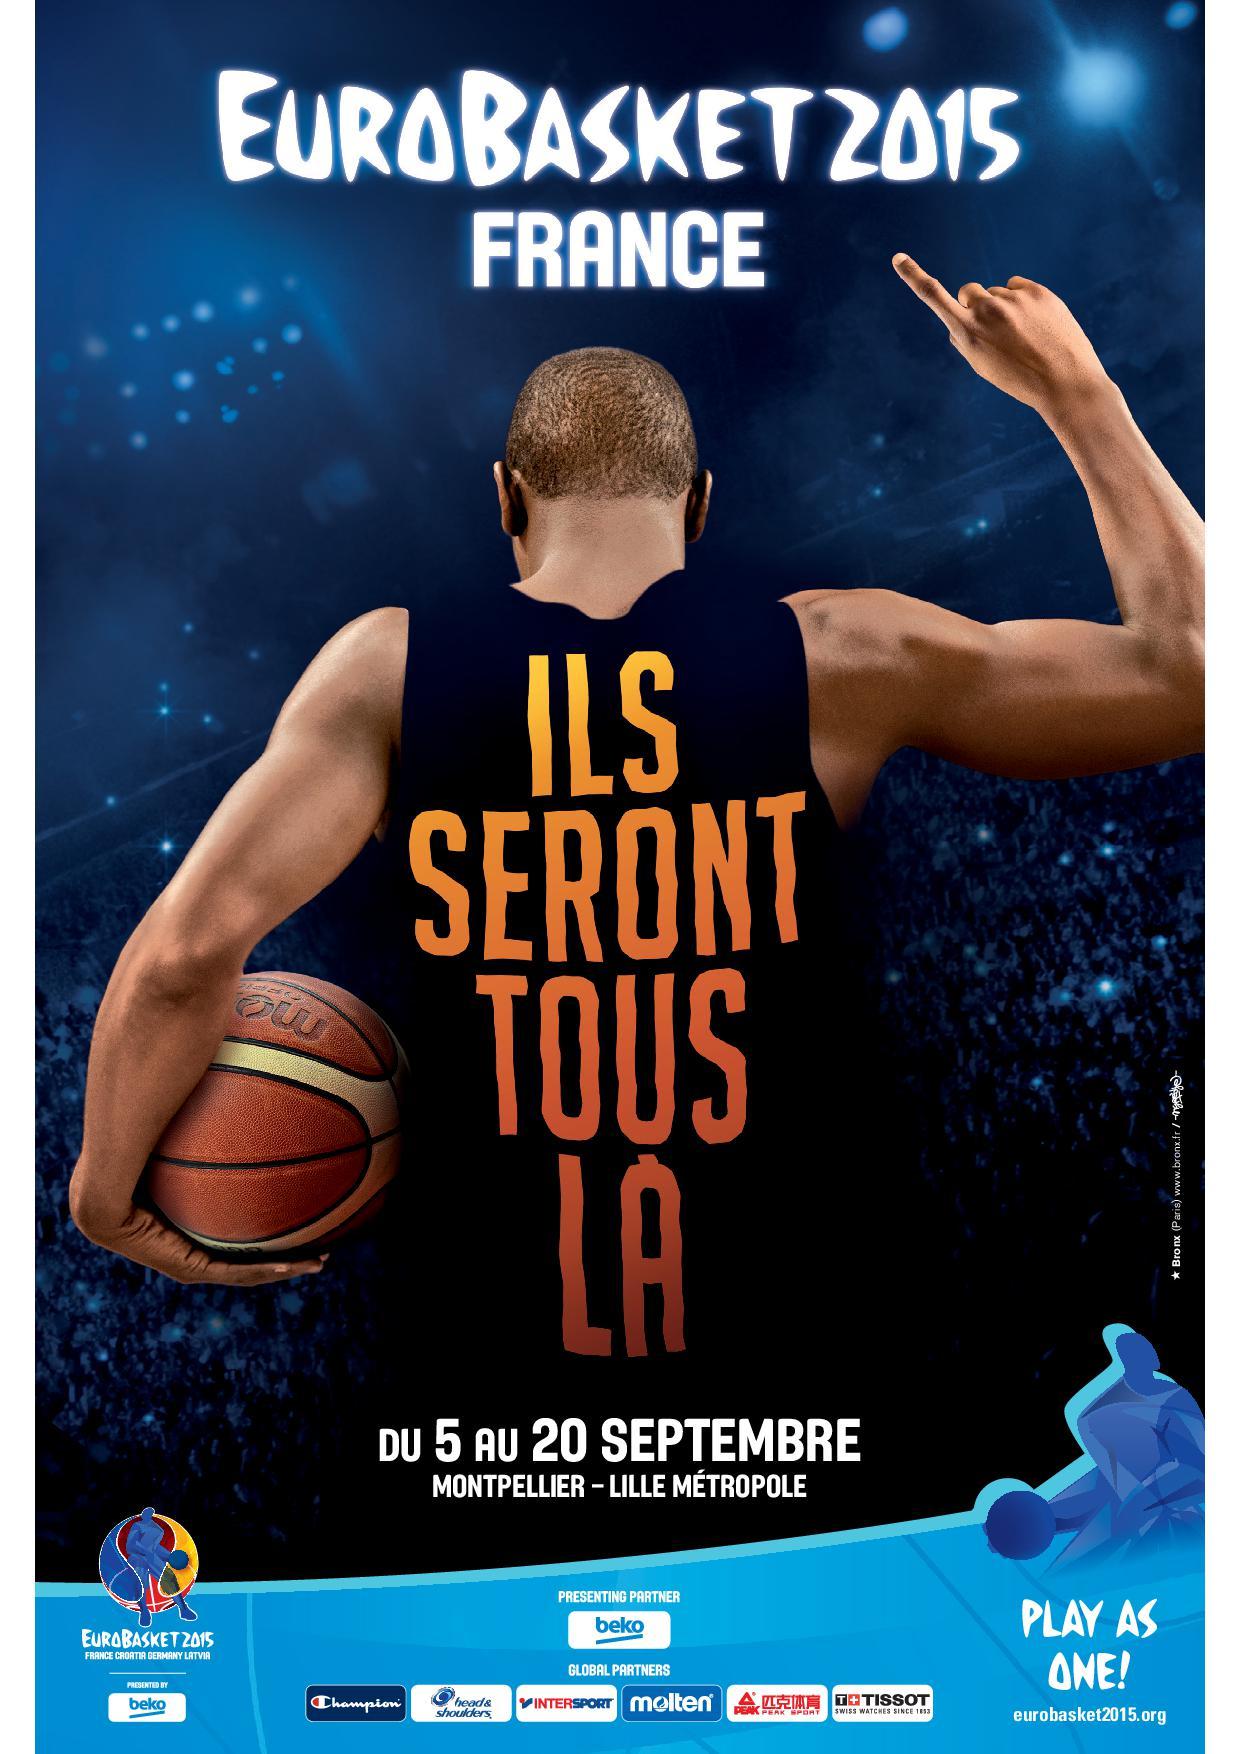 L'affiche de l'Eurobasket 2015 dévoilée !